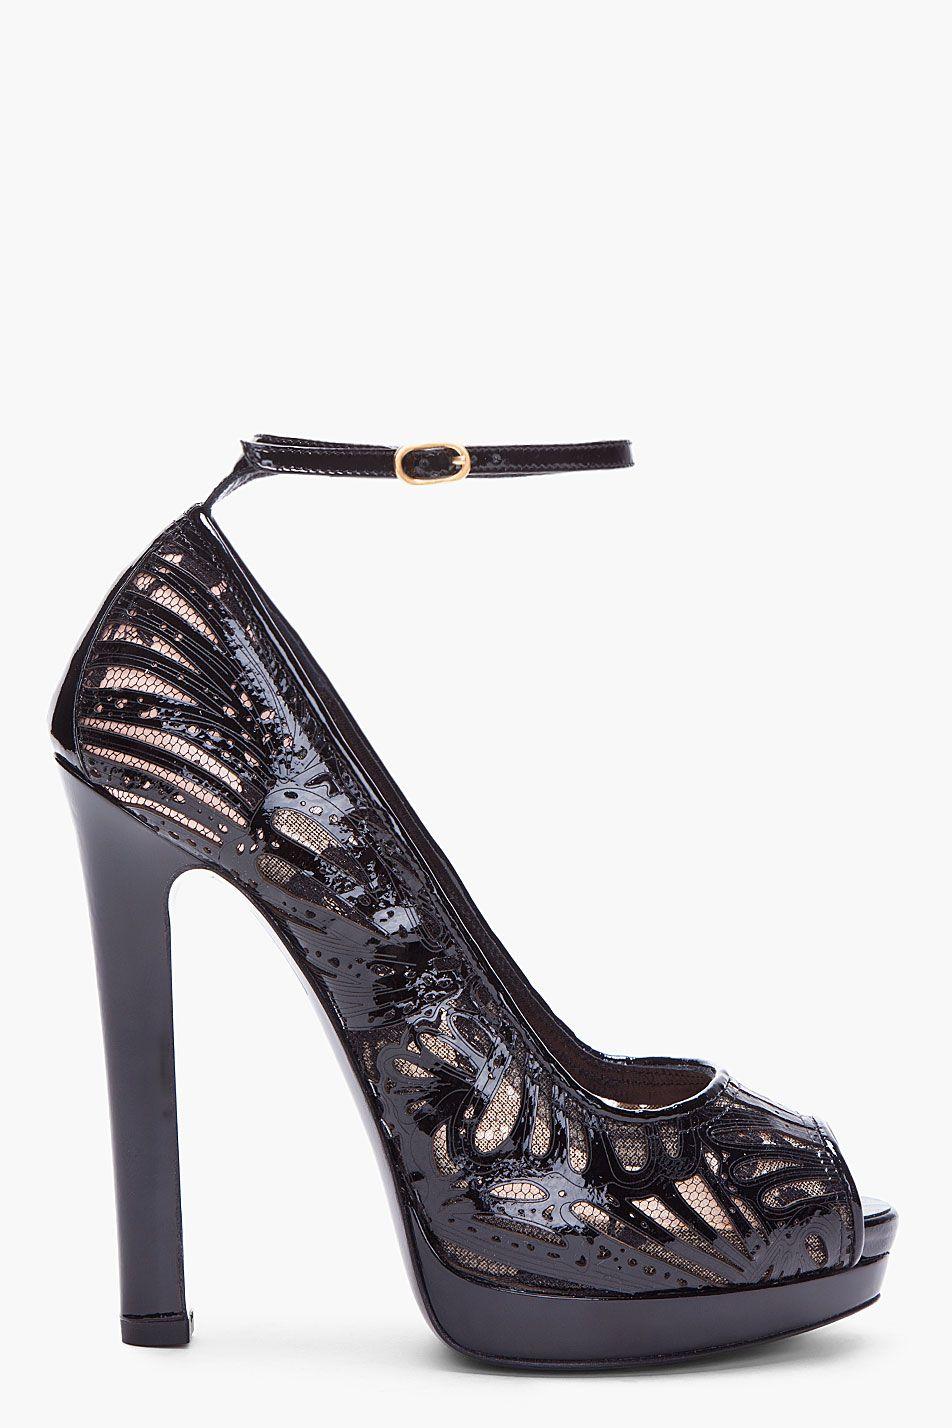 laser cut leather heels alexander mcqueen s/s2012 ssense